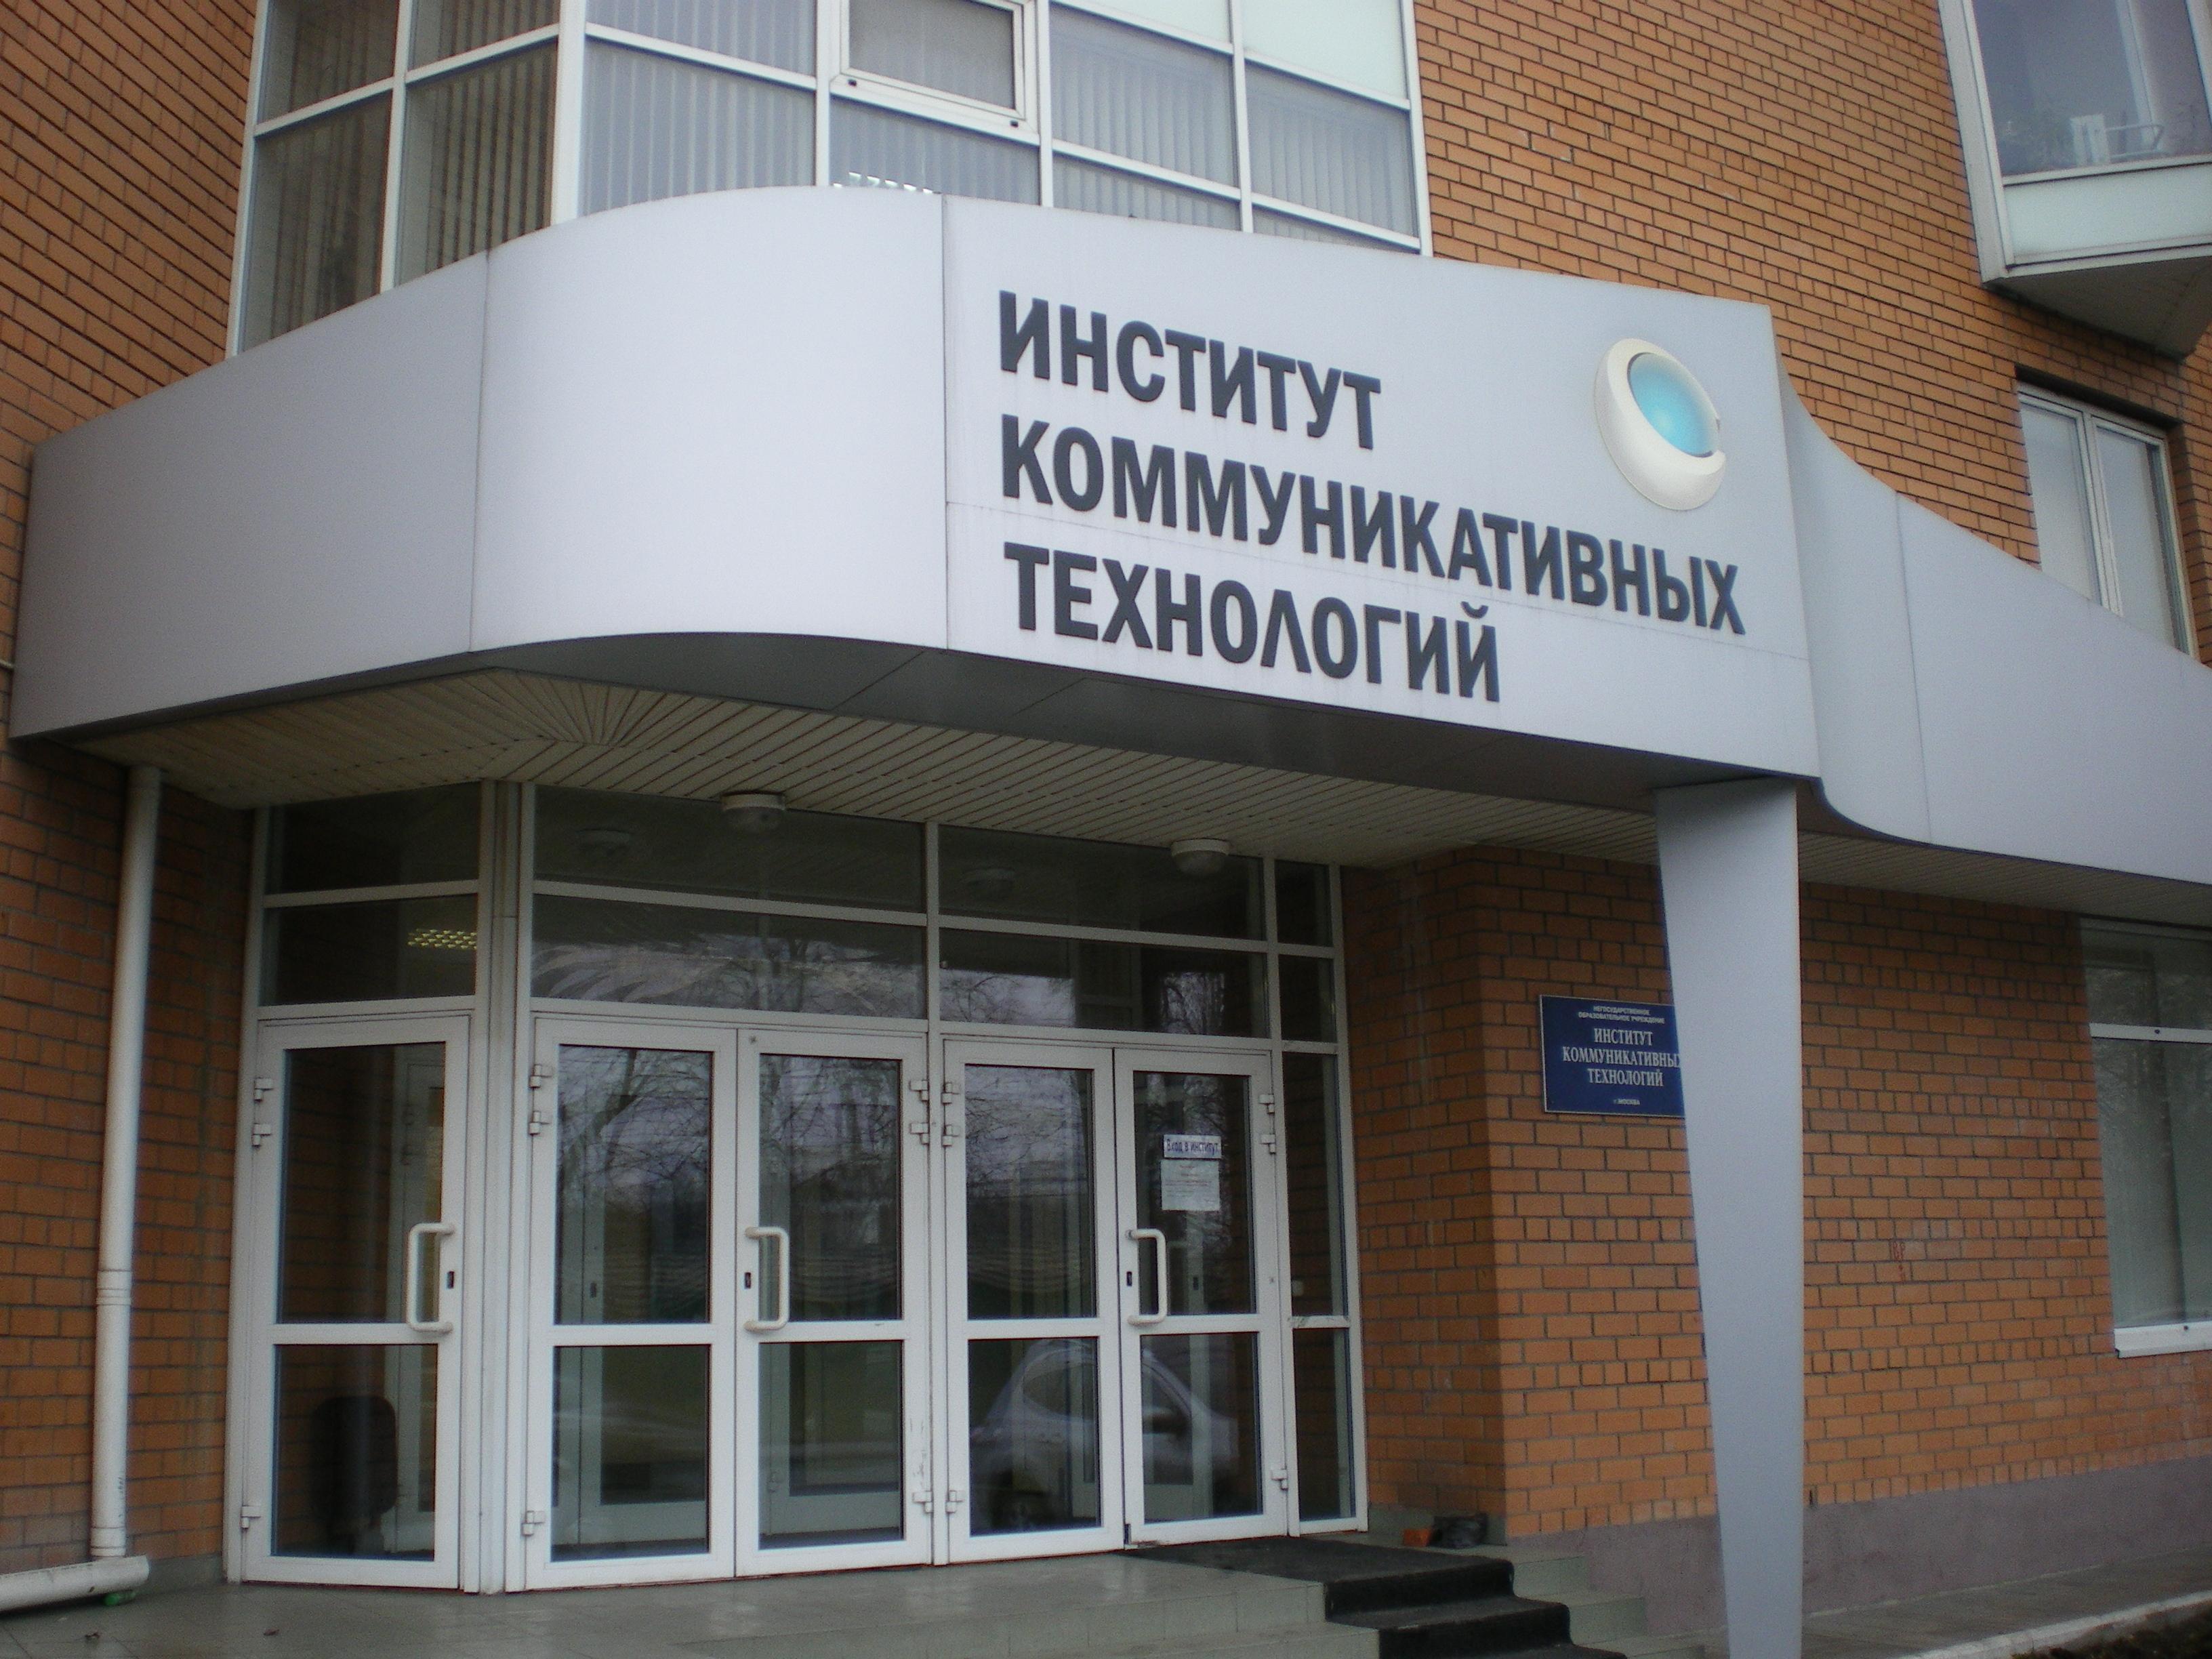 термобелье туризм в москве институты качестве